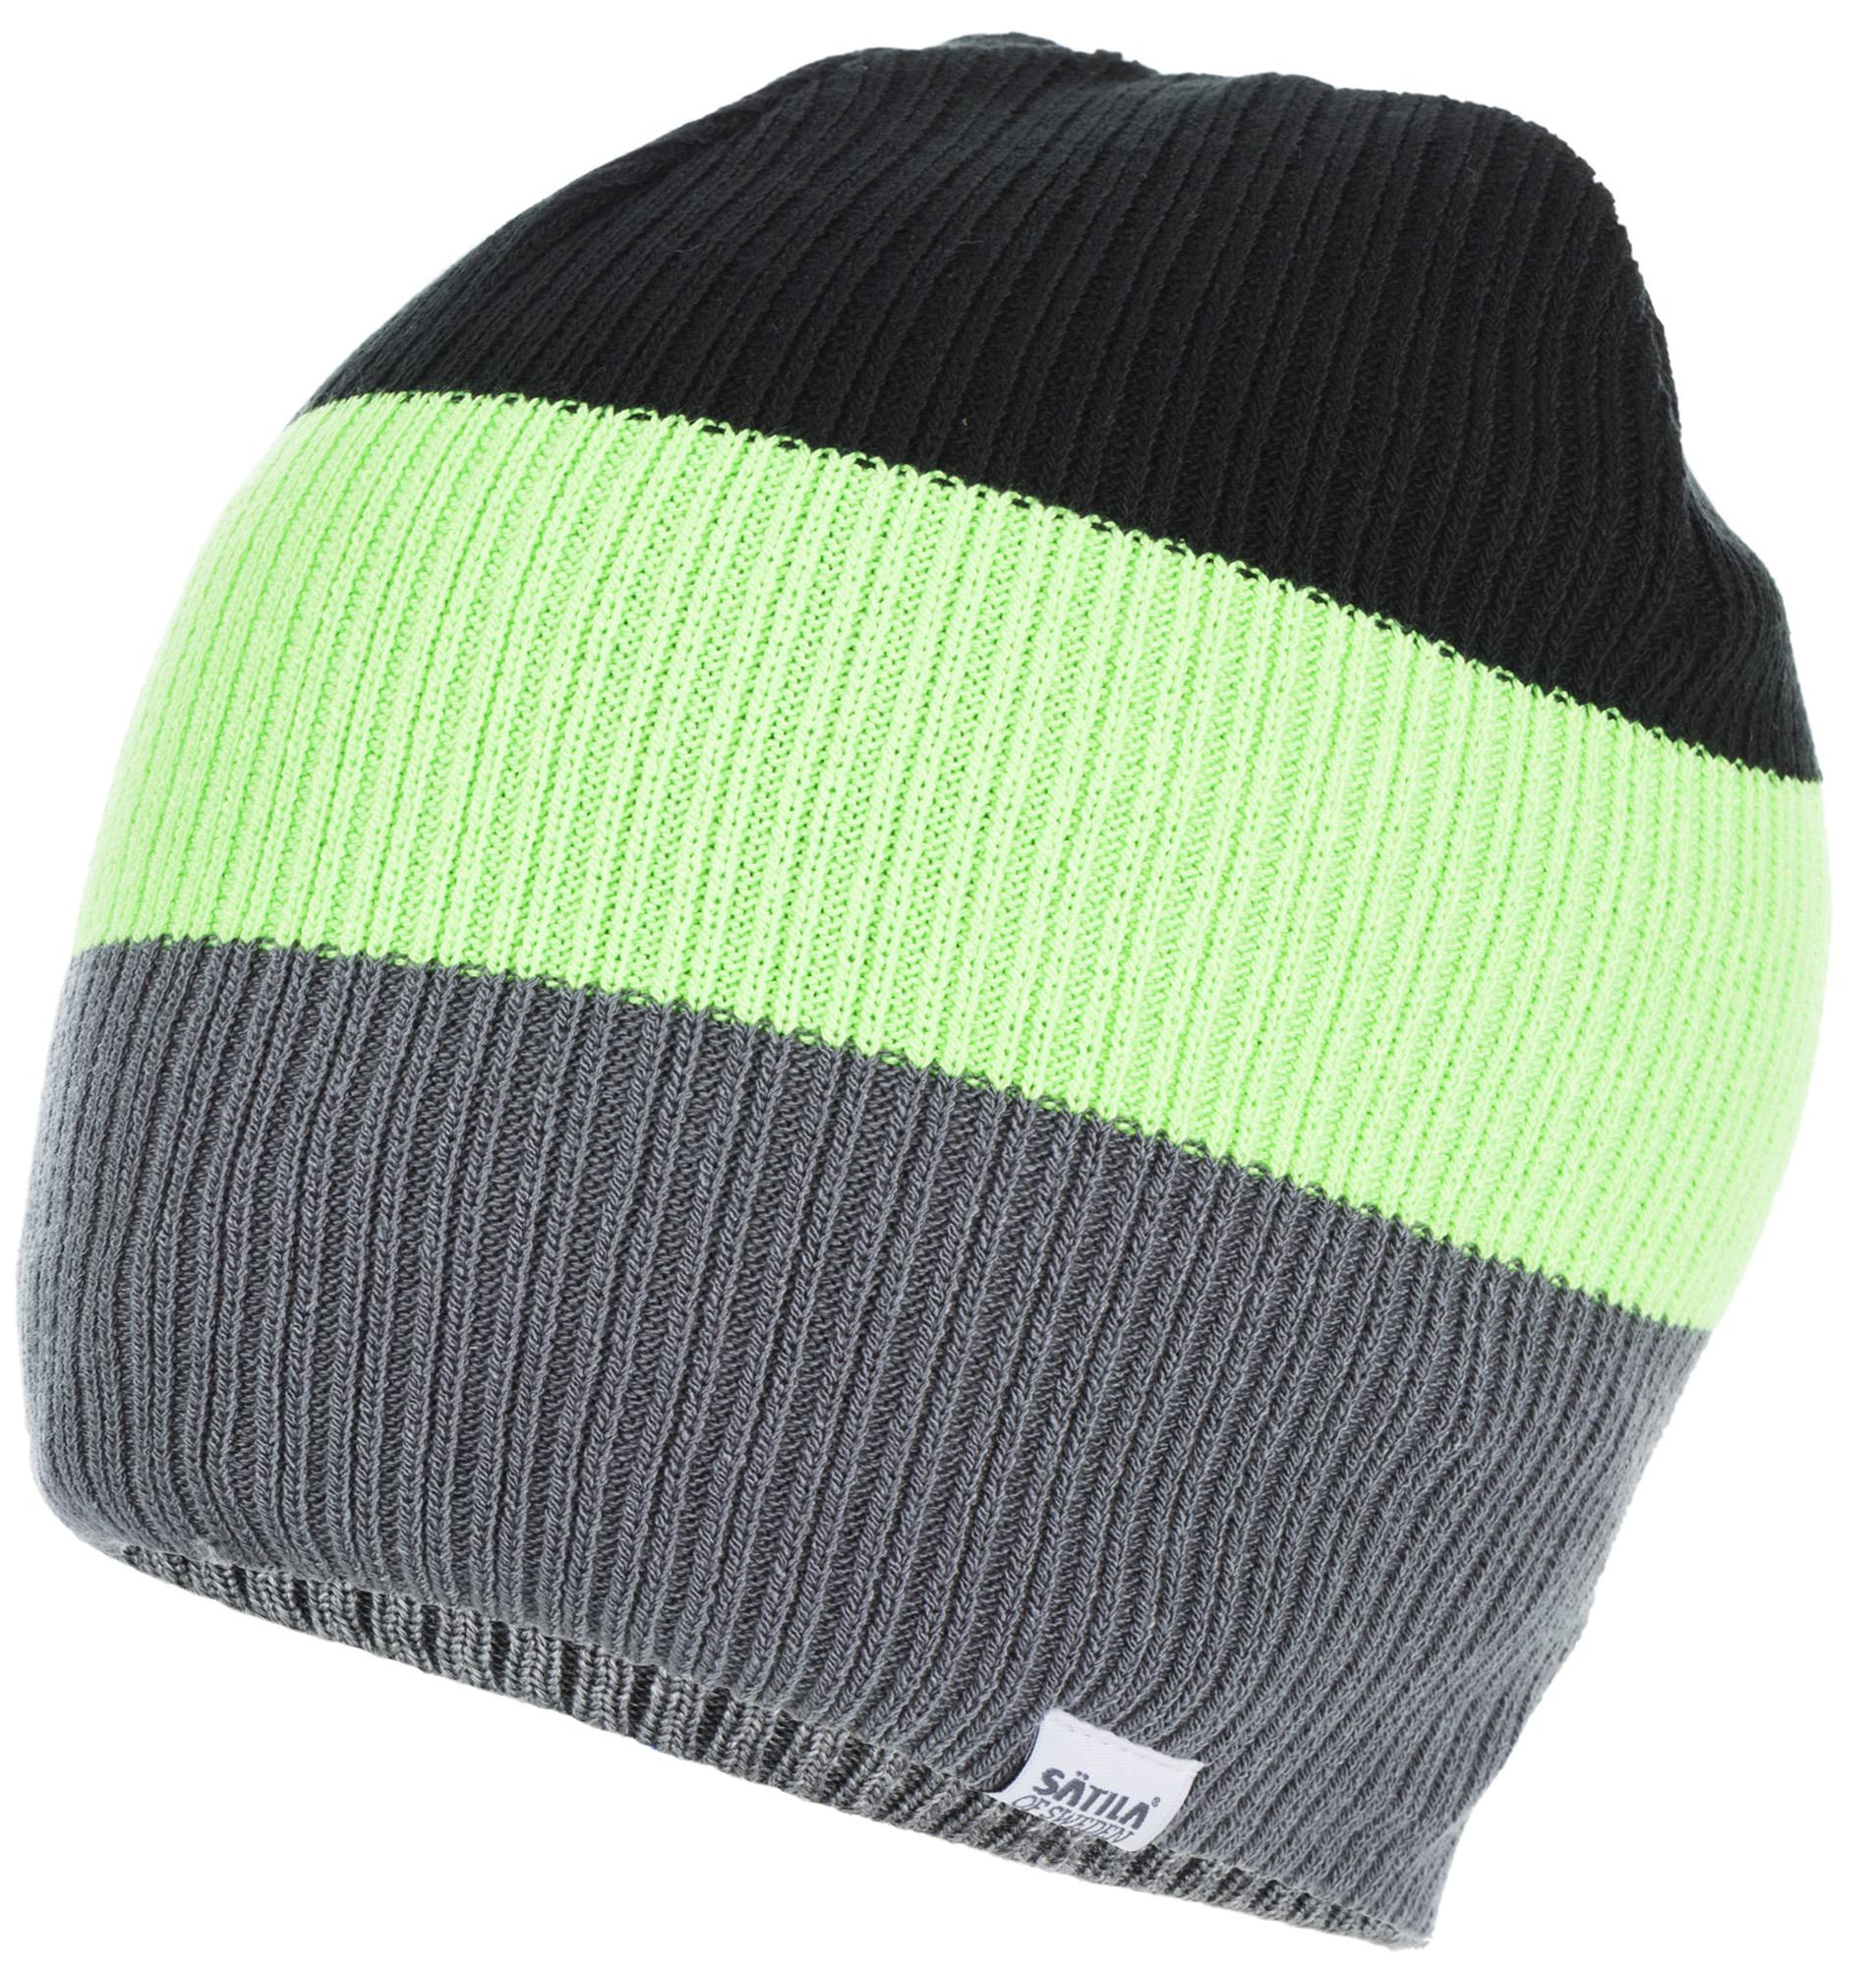 Satila Шапка вязаная Satila Skrynky, размер 58 satila шапка satila reflect размер 58